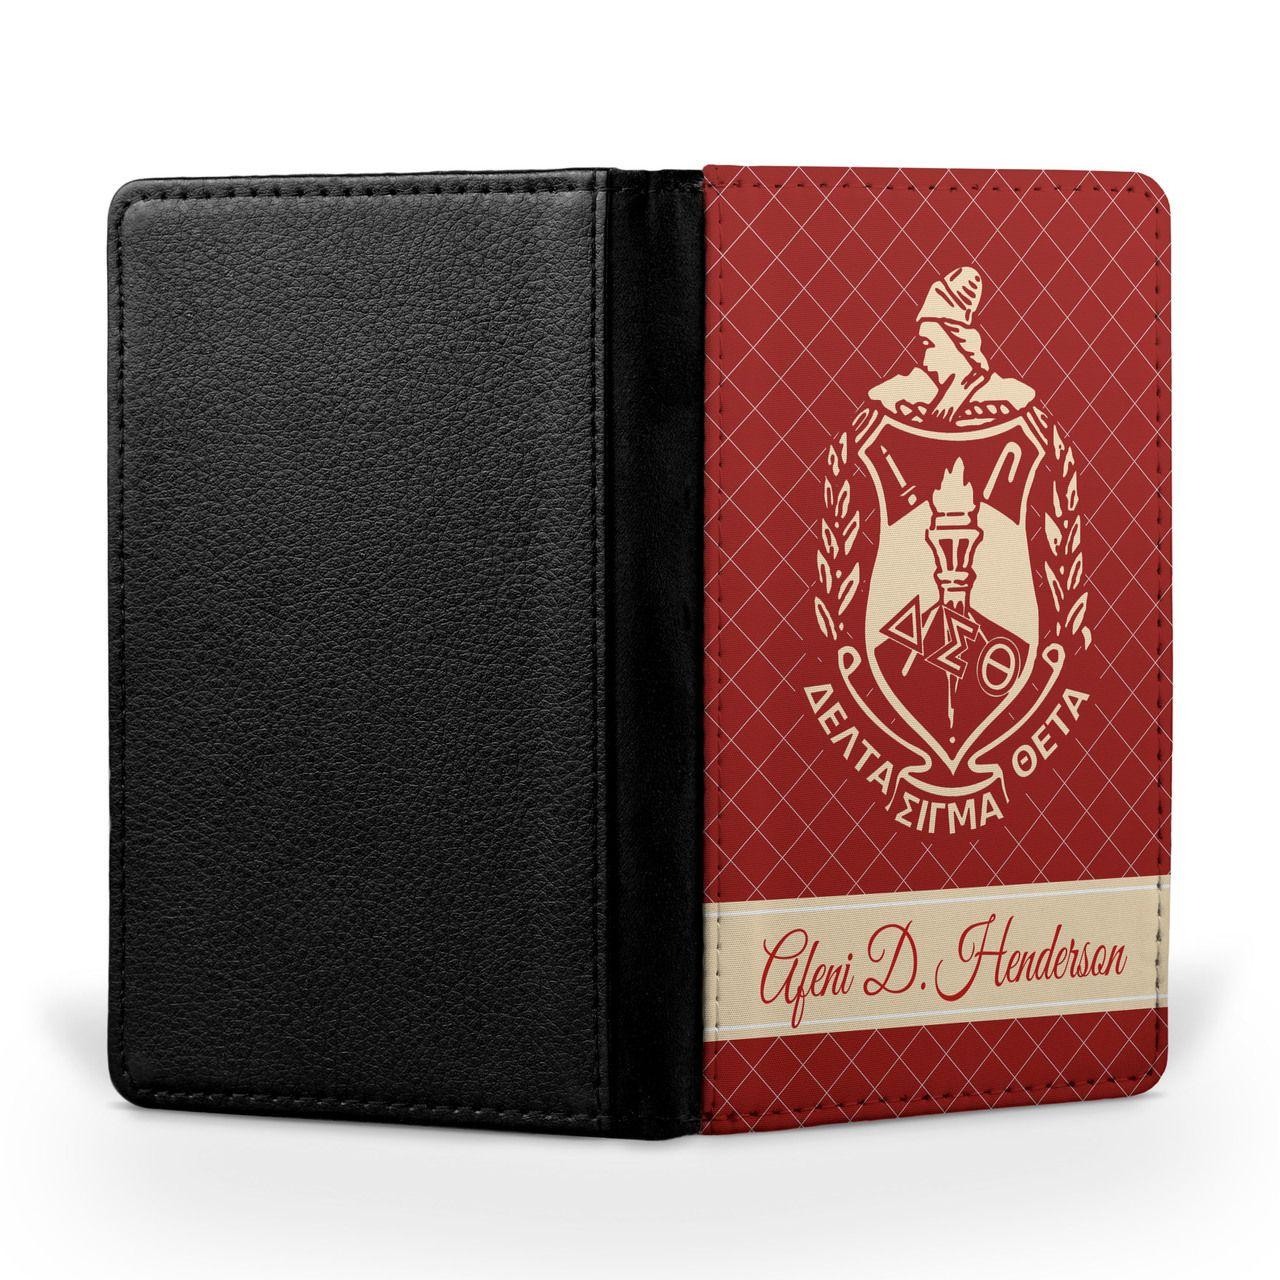 Oo Oop Travel Passport Cover In 2019 Delta Sigma Theta 1913